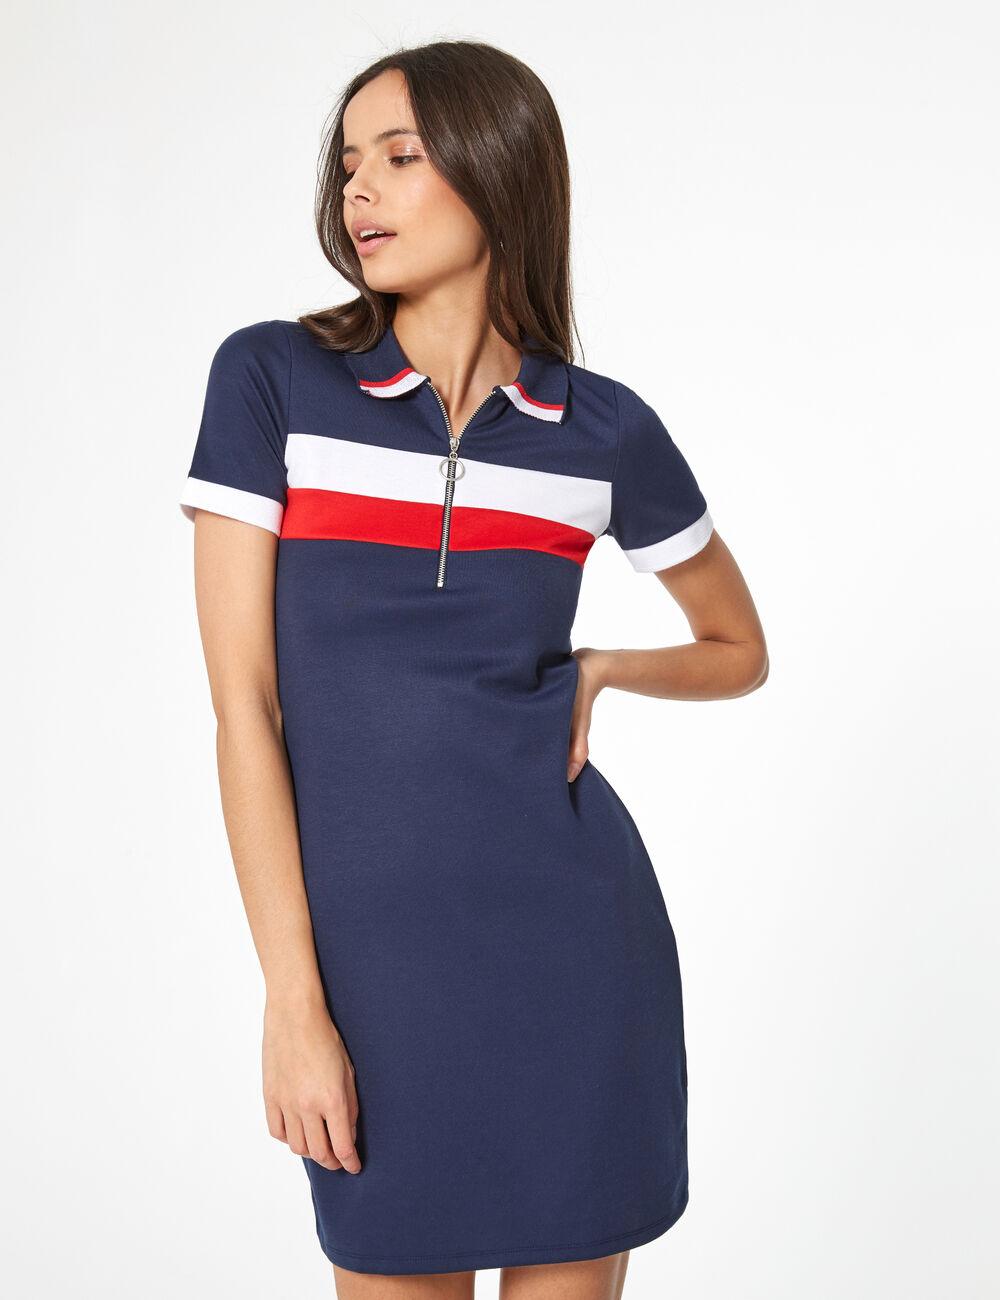 de3a8cd802d Robe esprit polo bleu marine blanche et rouge femme • Jennyfer